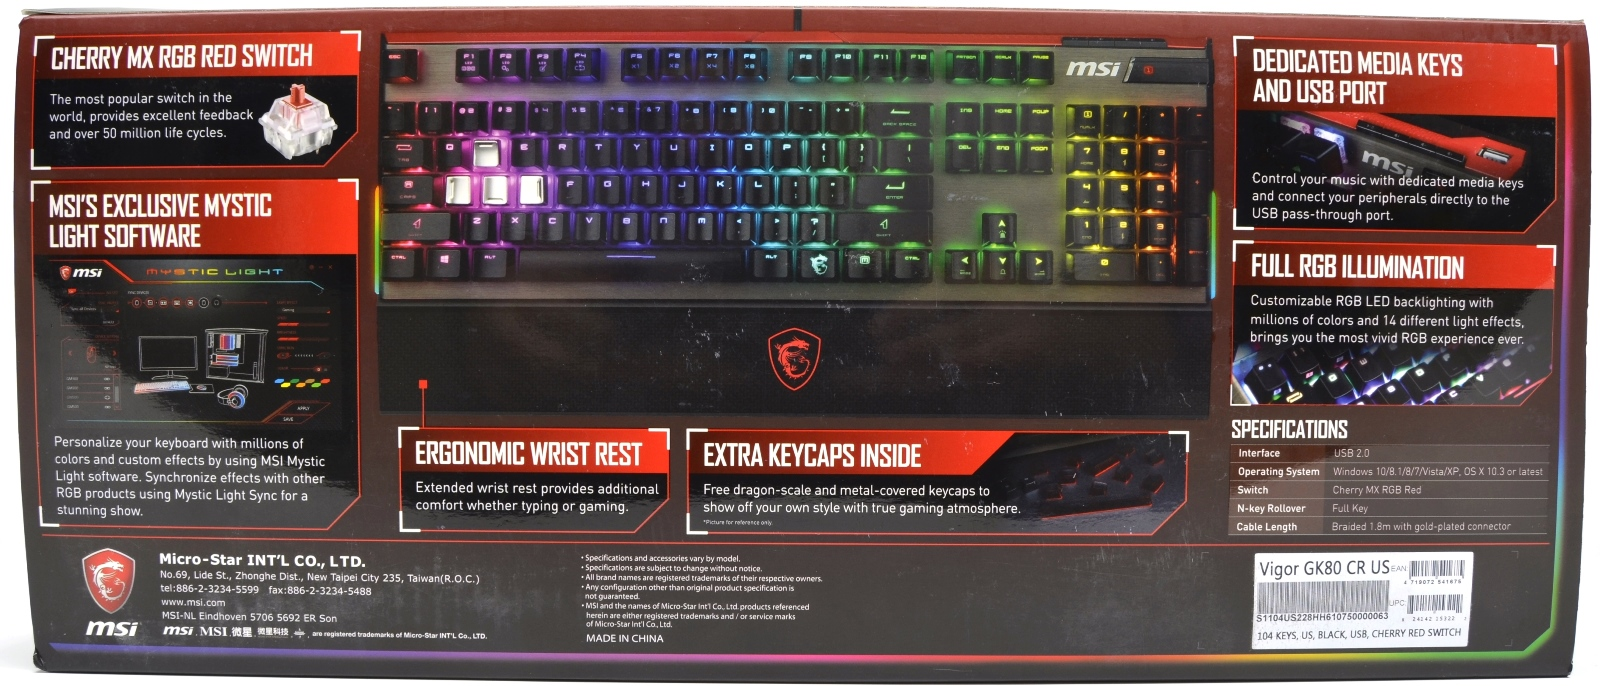 مراجعة لوحة المفاتيح الميكانيكية MSI Vigor GK80 RED المصممة